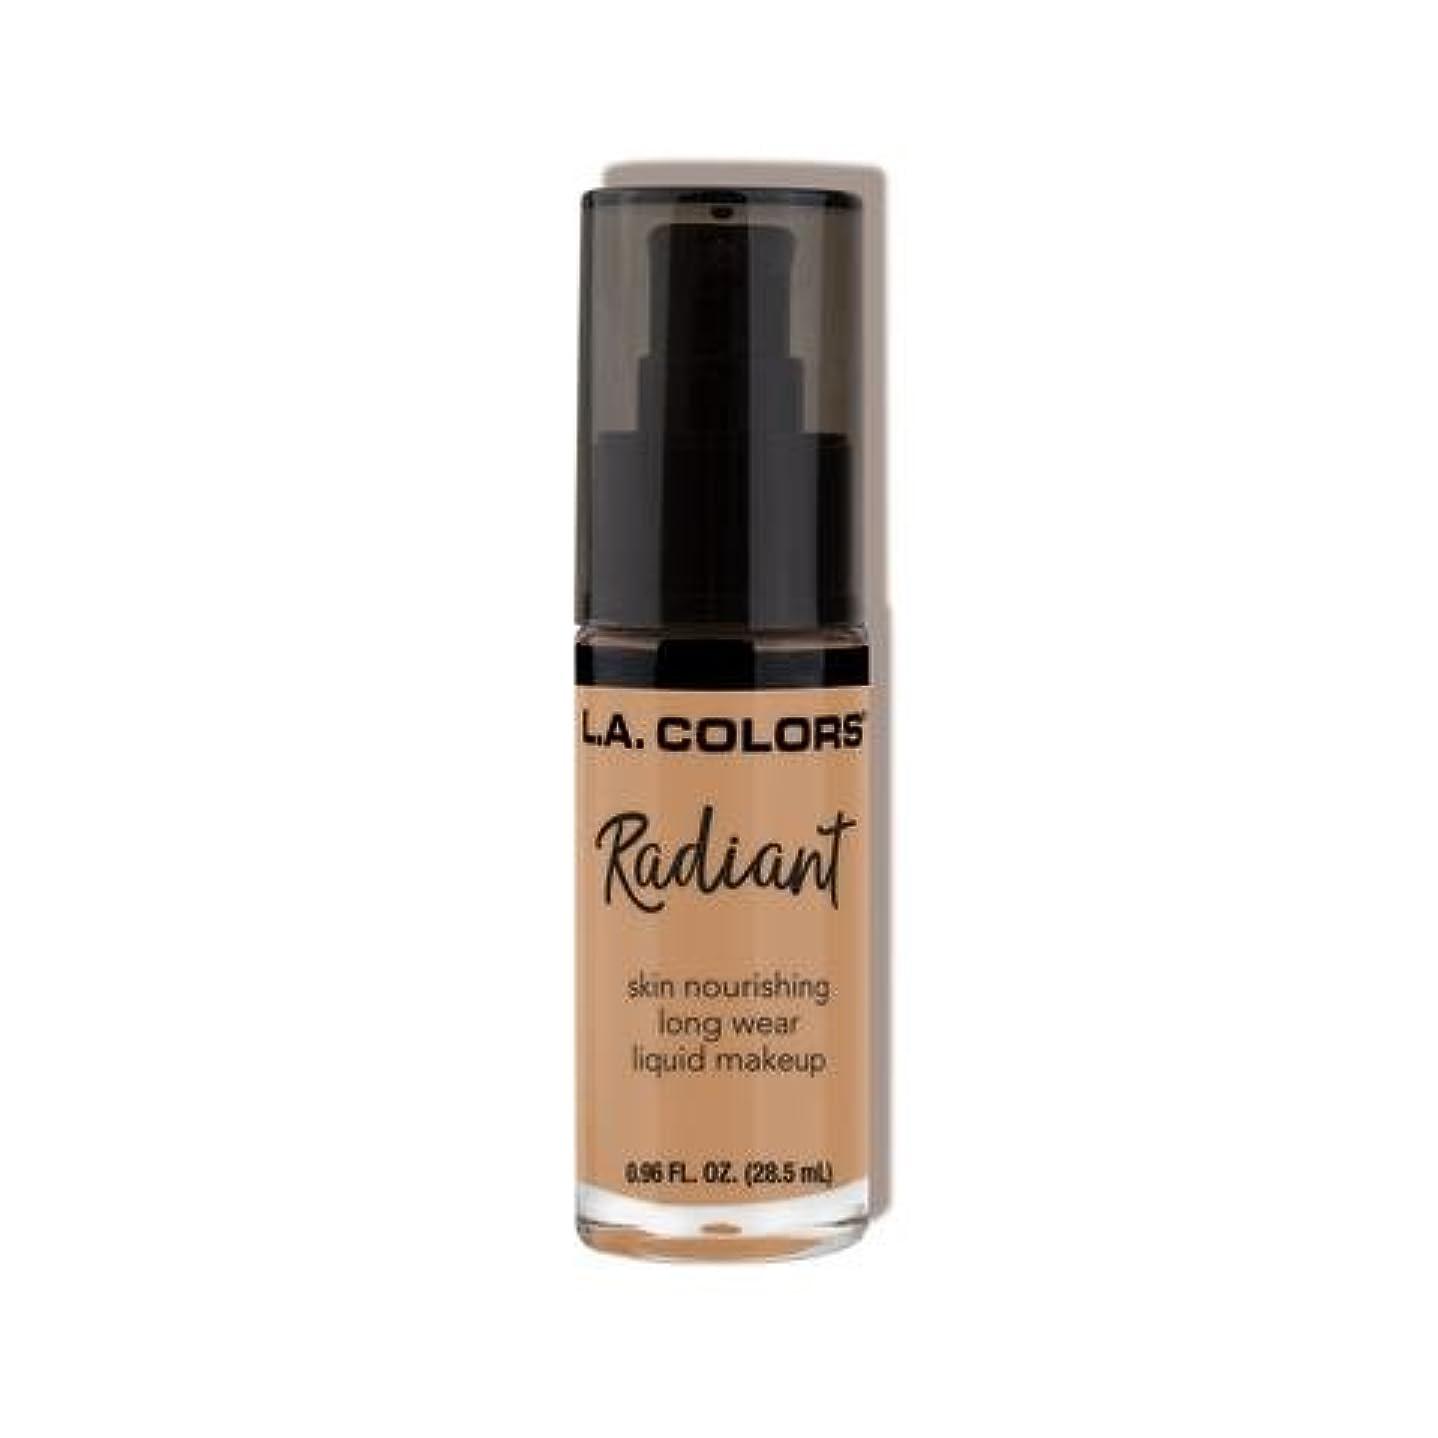 配分トランスペアレントピアース(3 Pack) L.A. COLORS Radiant Liquid Makeup - Suede (並行輸入品)